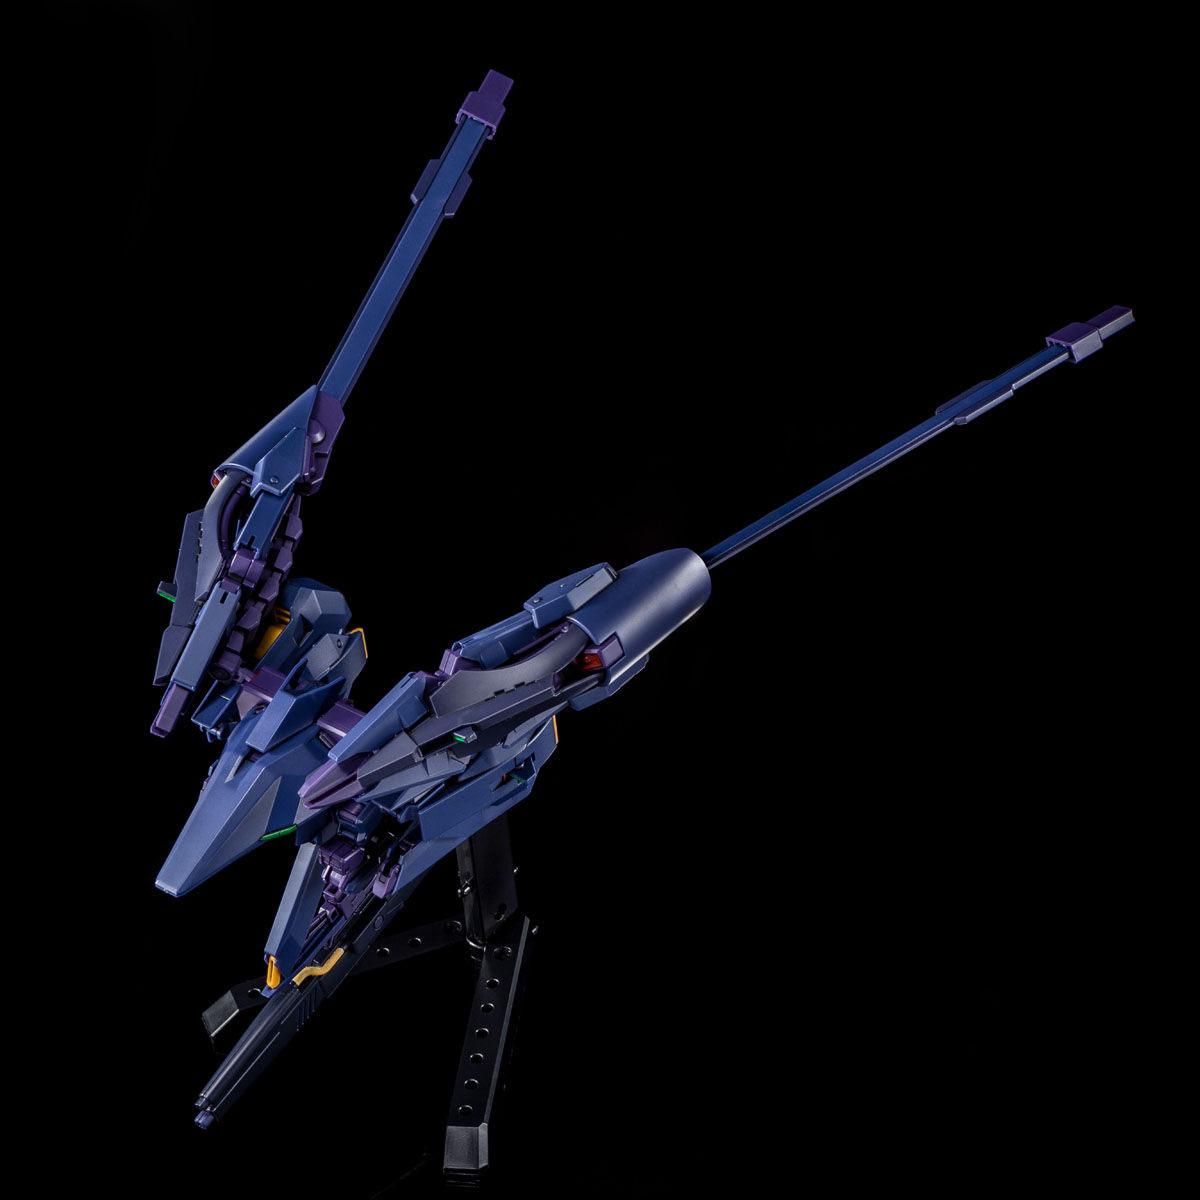 HG 1/144『ガンダムTR-6[ヘイズルII]』ADVANCE OF Ζ プラモデル-009